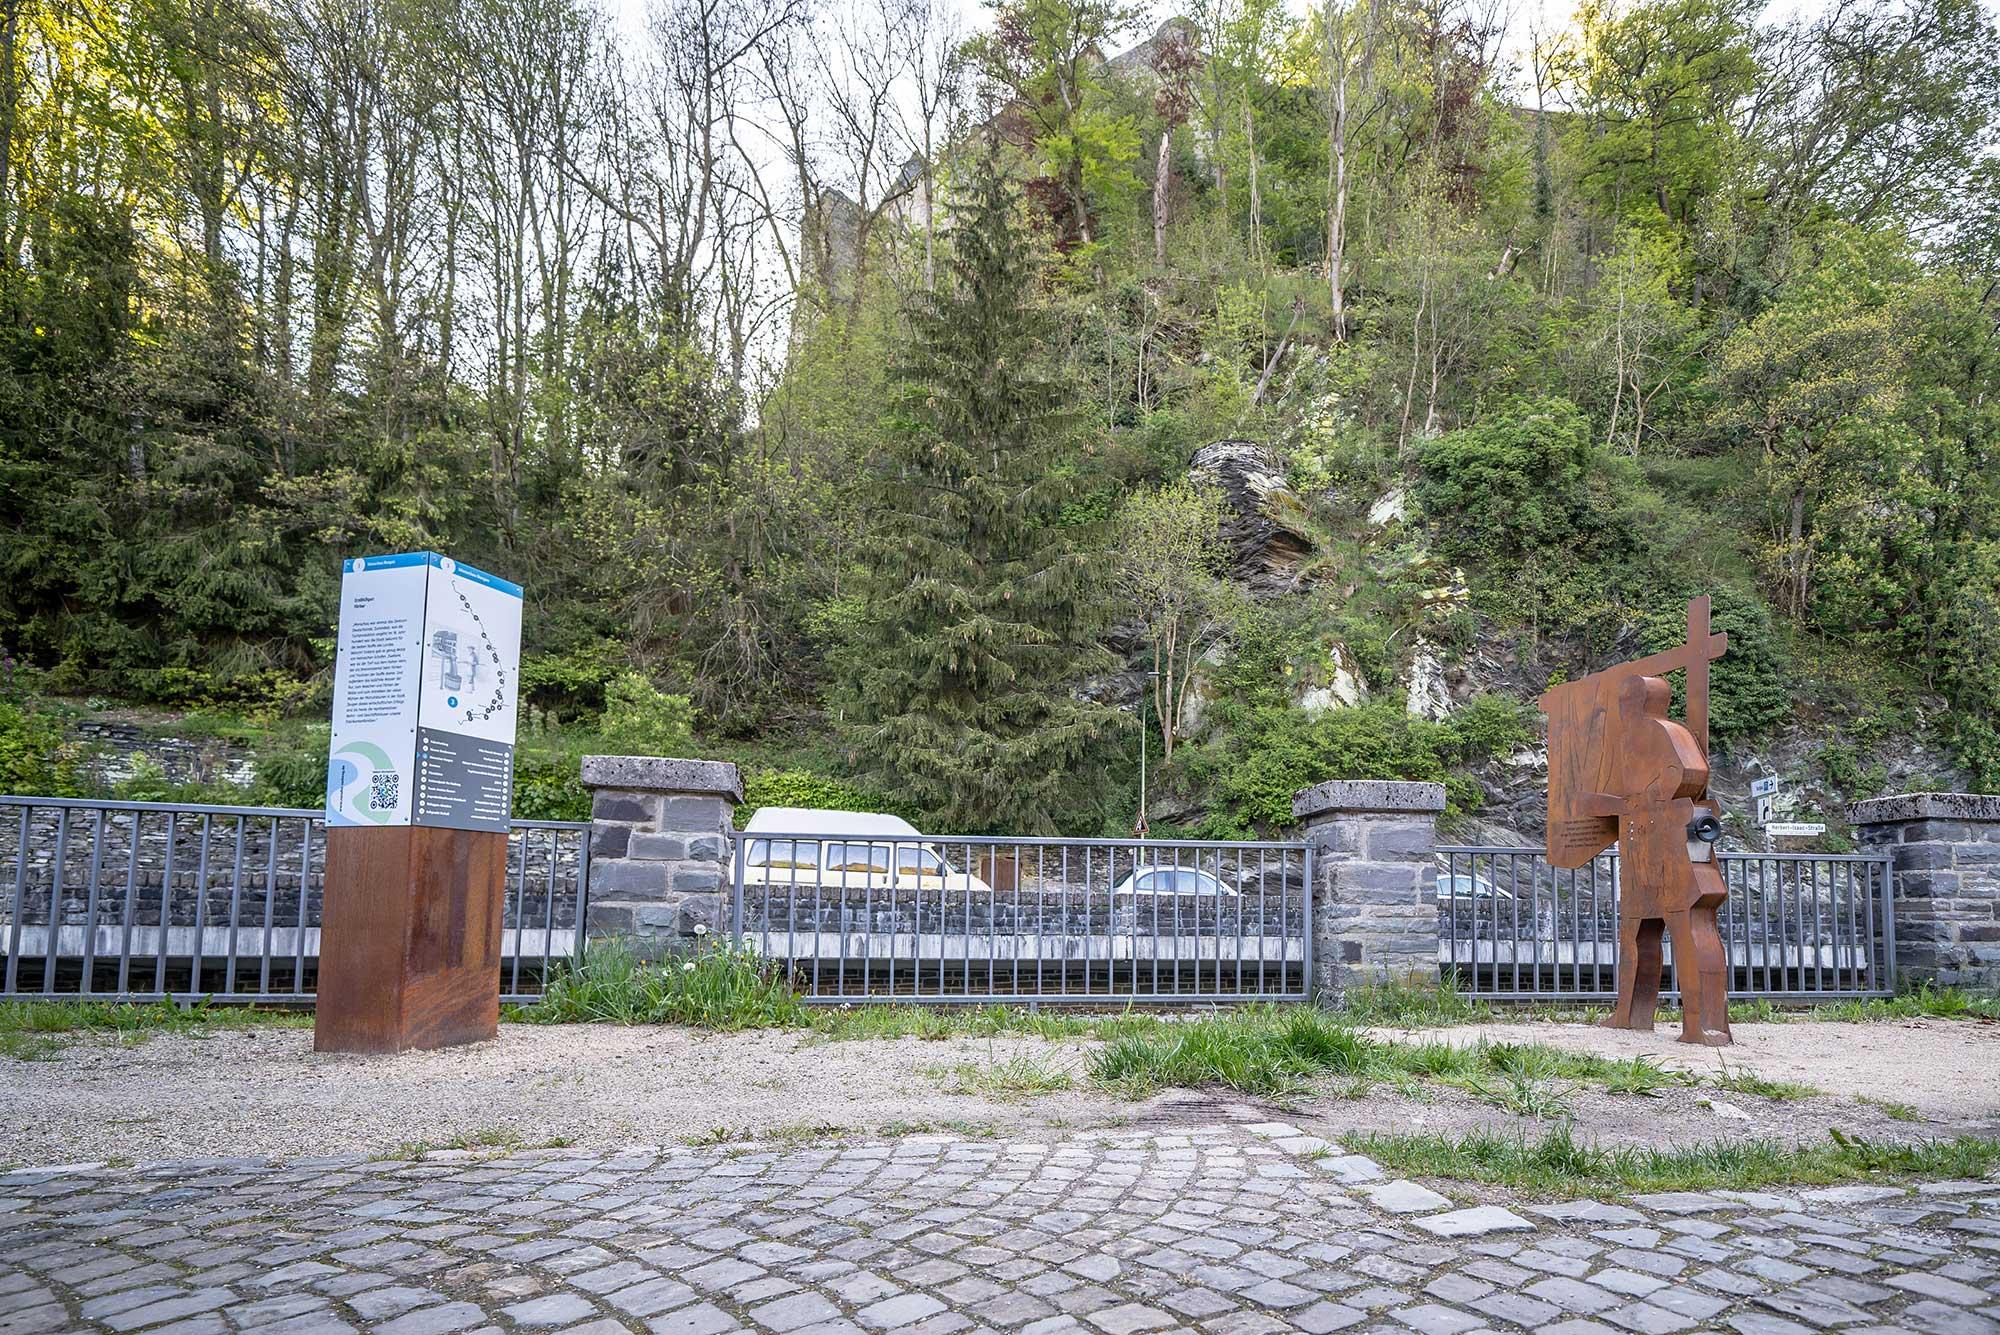 RurUfer-Radweg Rast- und Erlebnisstation Färber in Monschau